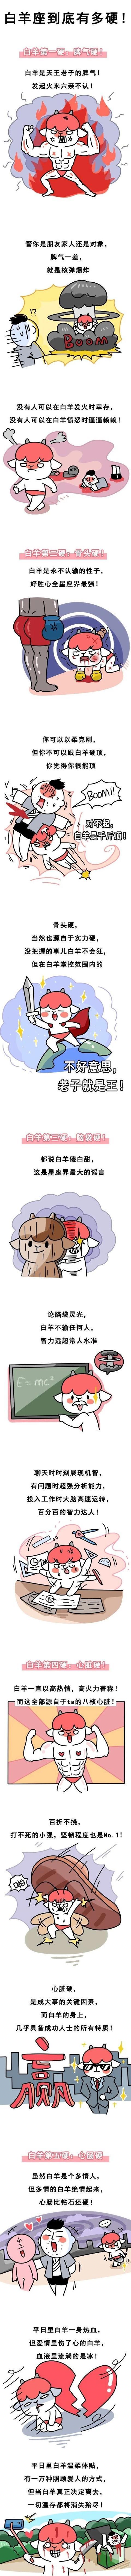 白羊座特殊符号复制